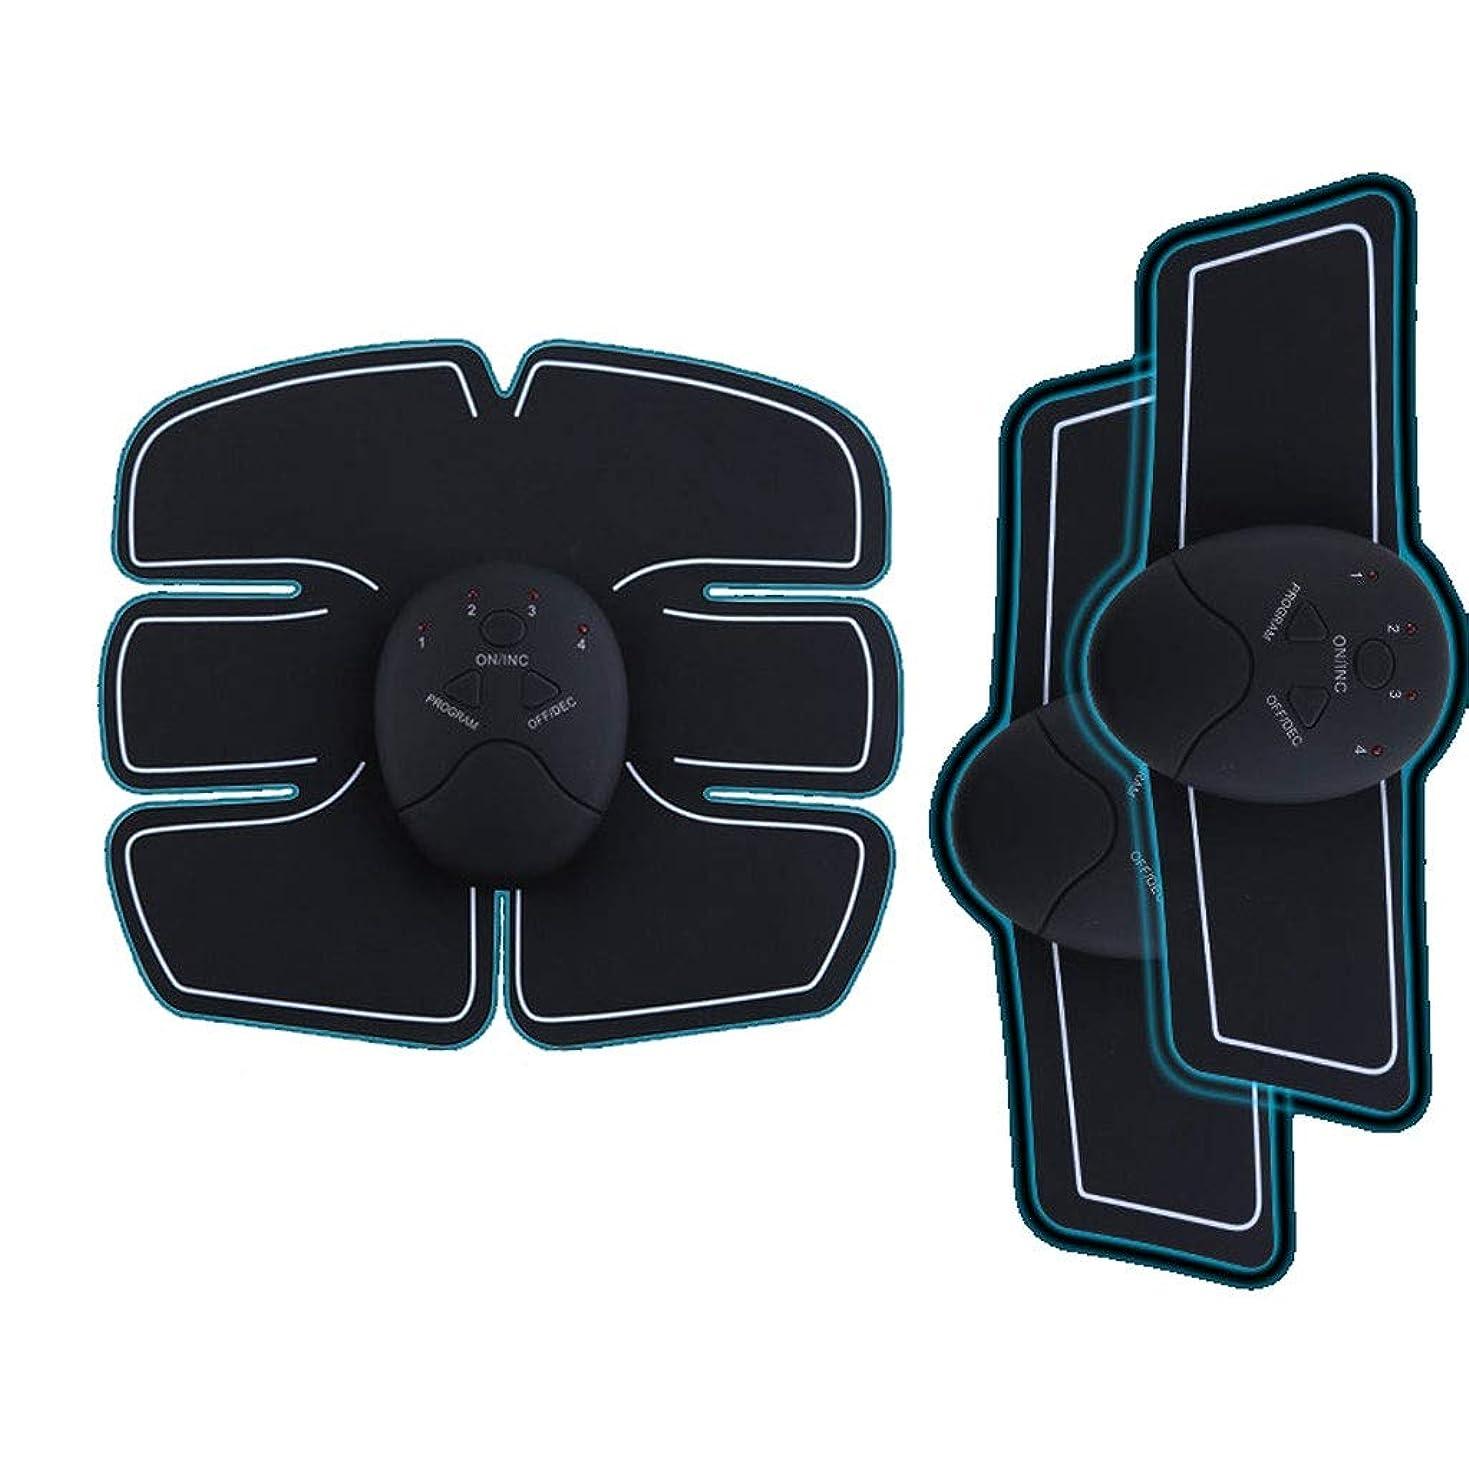 悪因子ペデスタルペッカディロEMS AbsトレーナーAbベルト、腹部調色ベルト、腹筋刺激装置、ABSマシンAbベルト調色ジムワークアウトマシン用男性&女性 (Size : 3 host set of stickers)